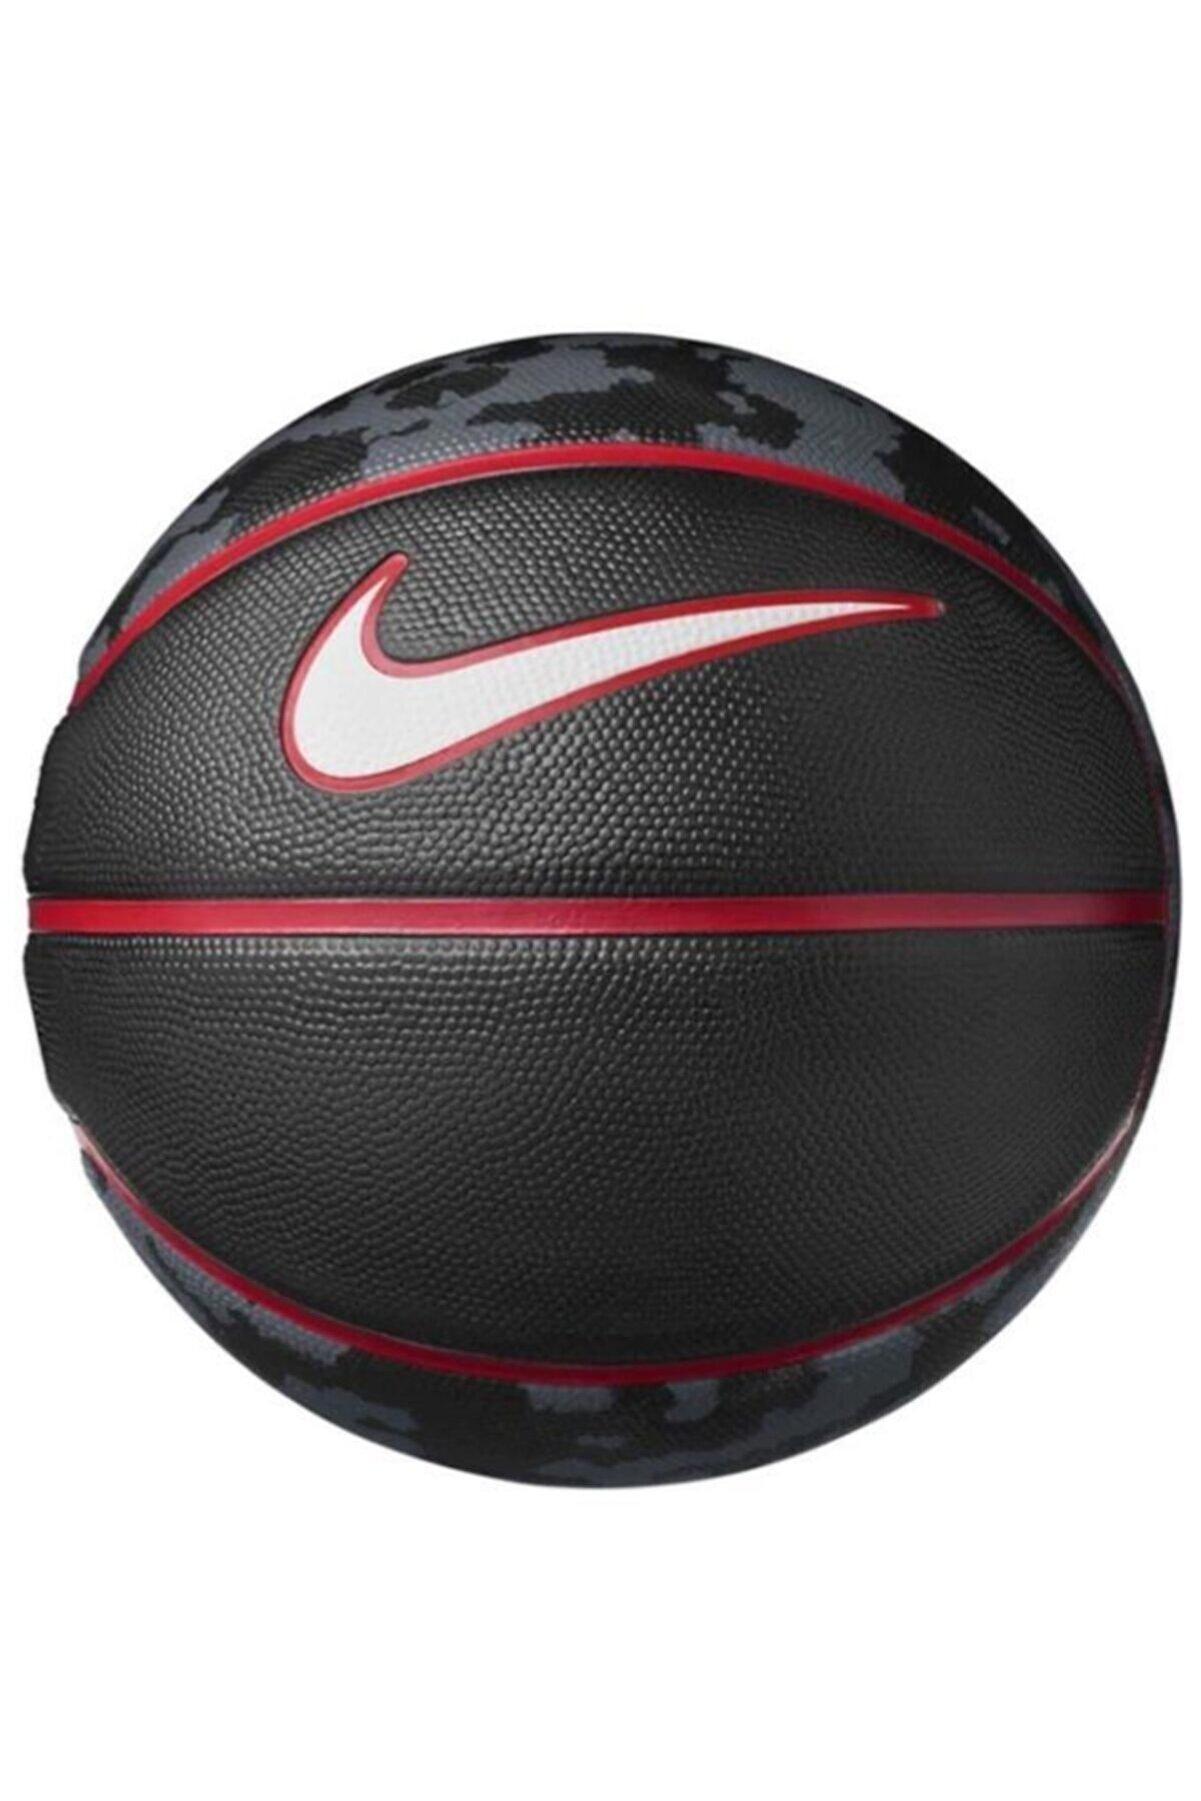 Nike Playground Basketbol Topu No 7 Siyah (N.000.2784.931.07)